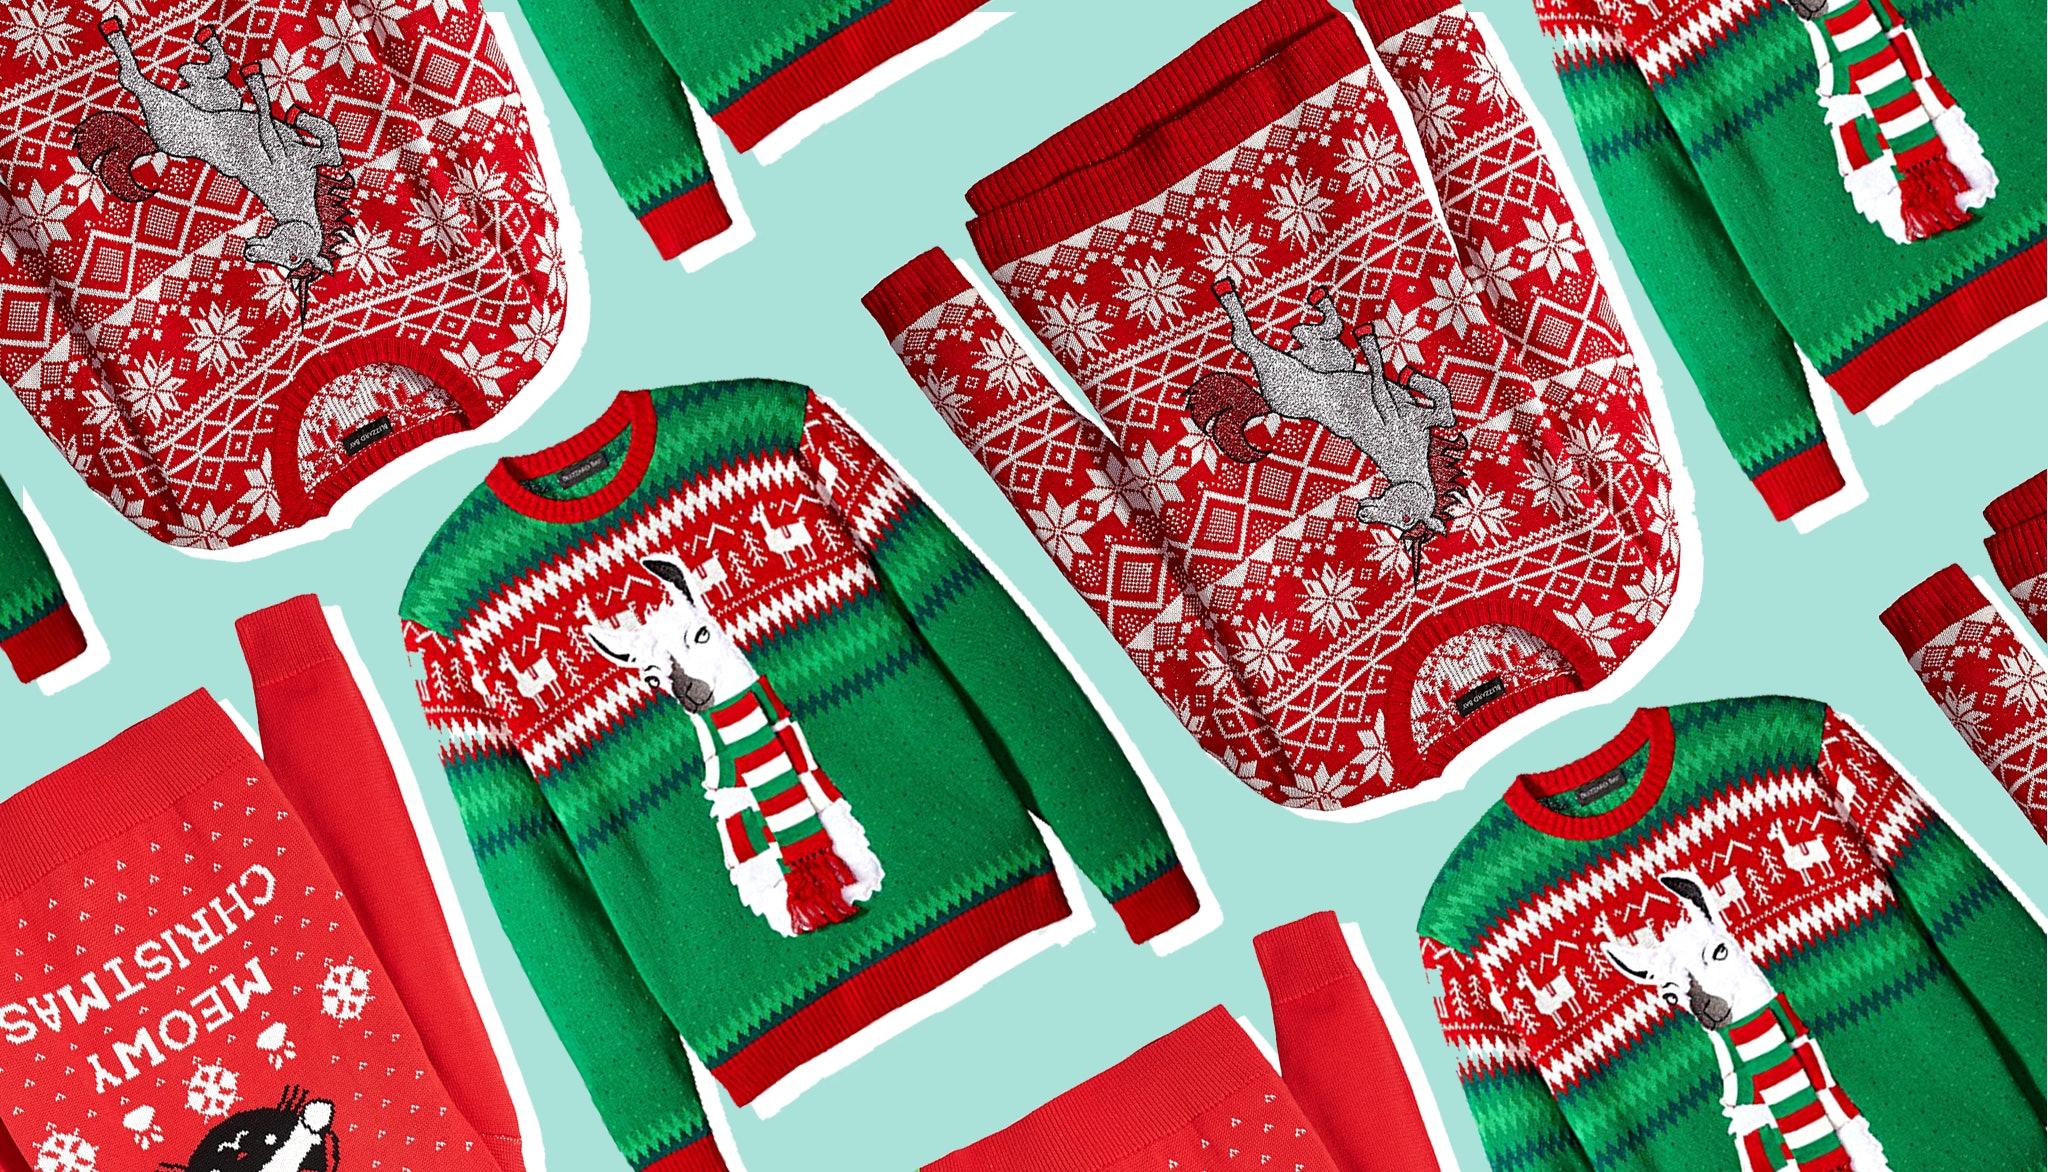 Christmas Wine Bottle Ugly Sweater Koozie Choose Color Snowman Reindeer Bells.